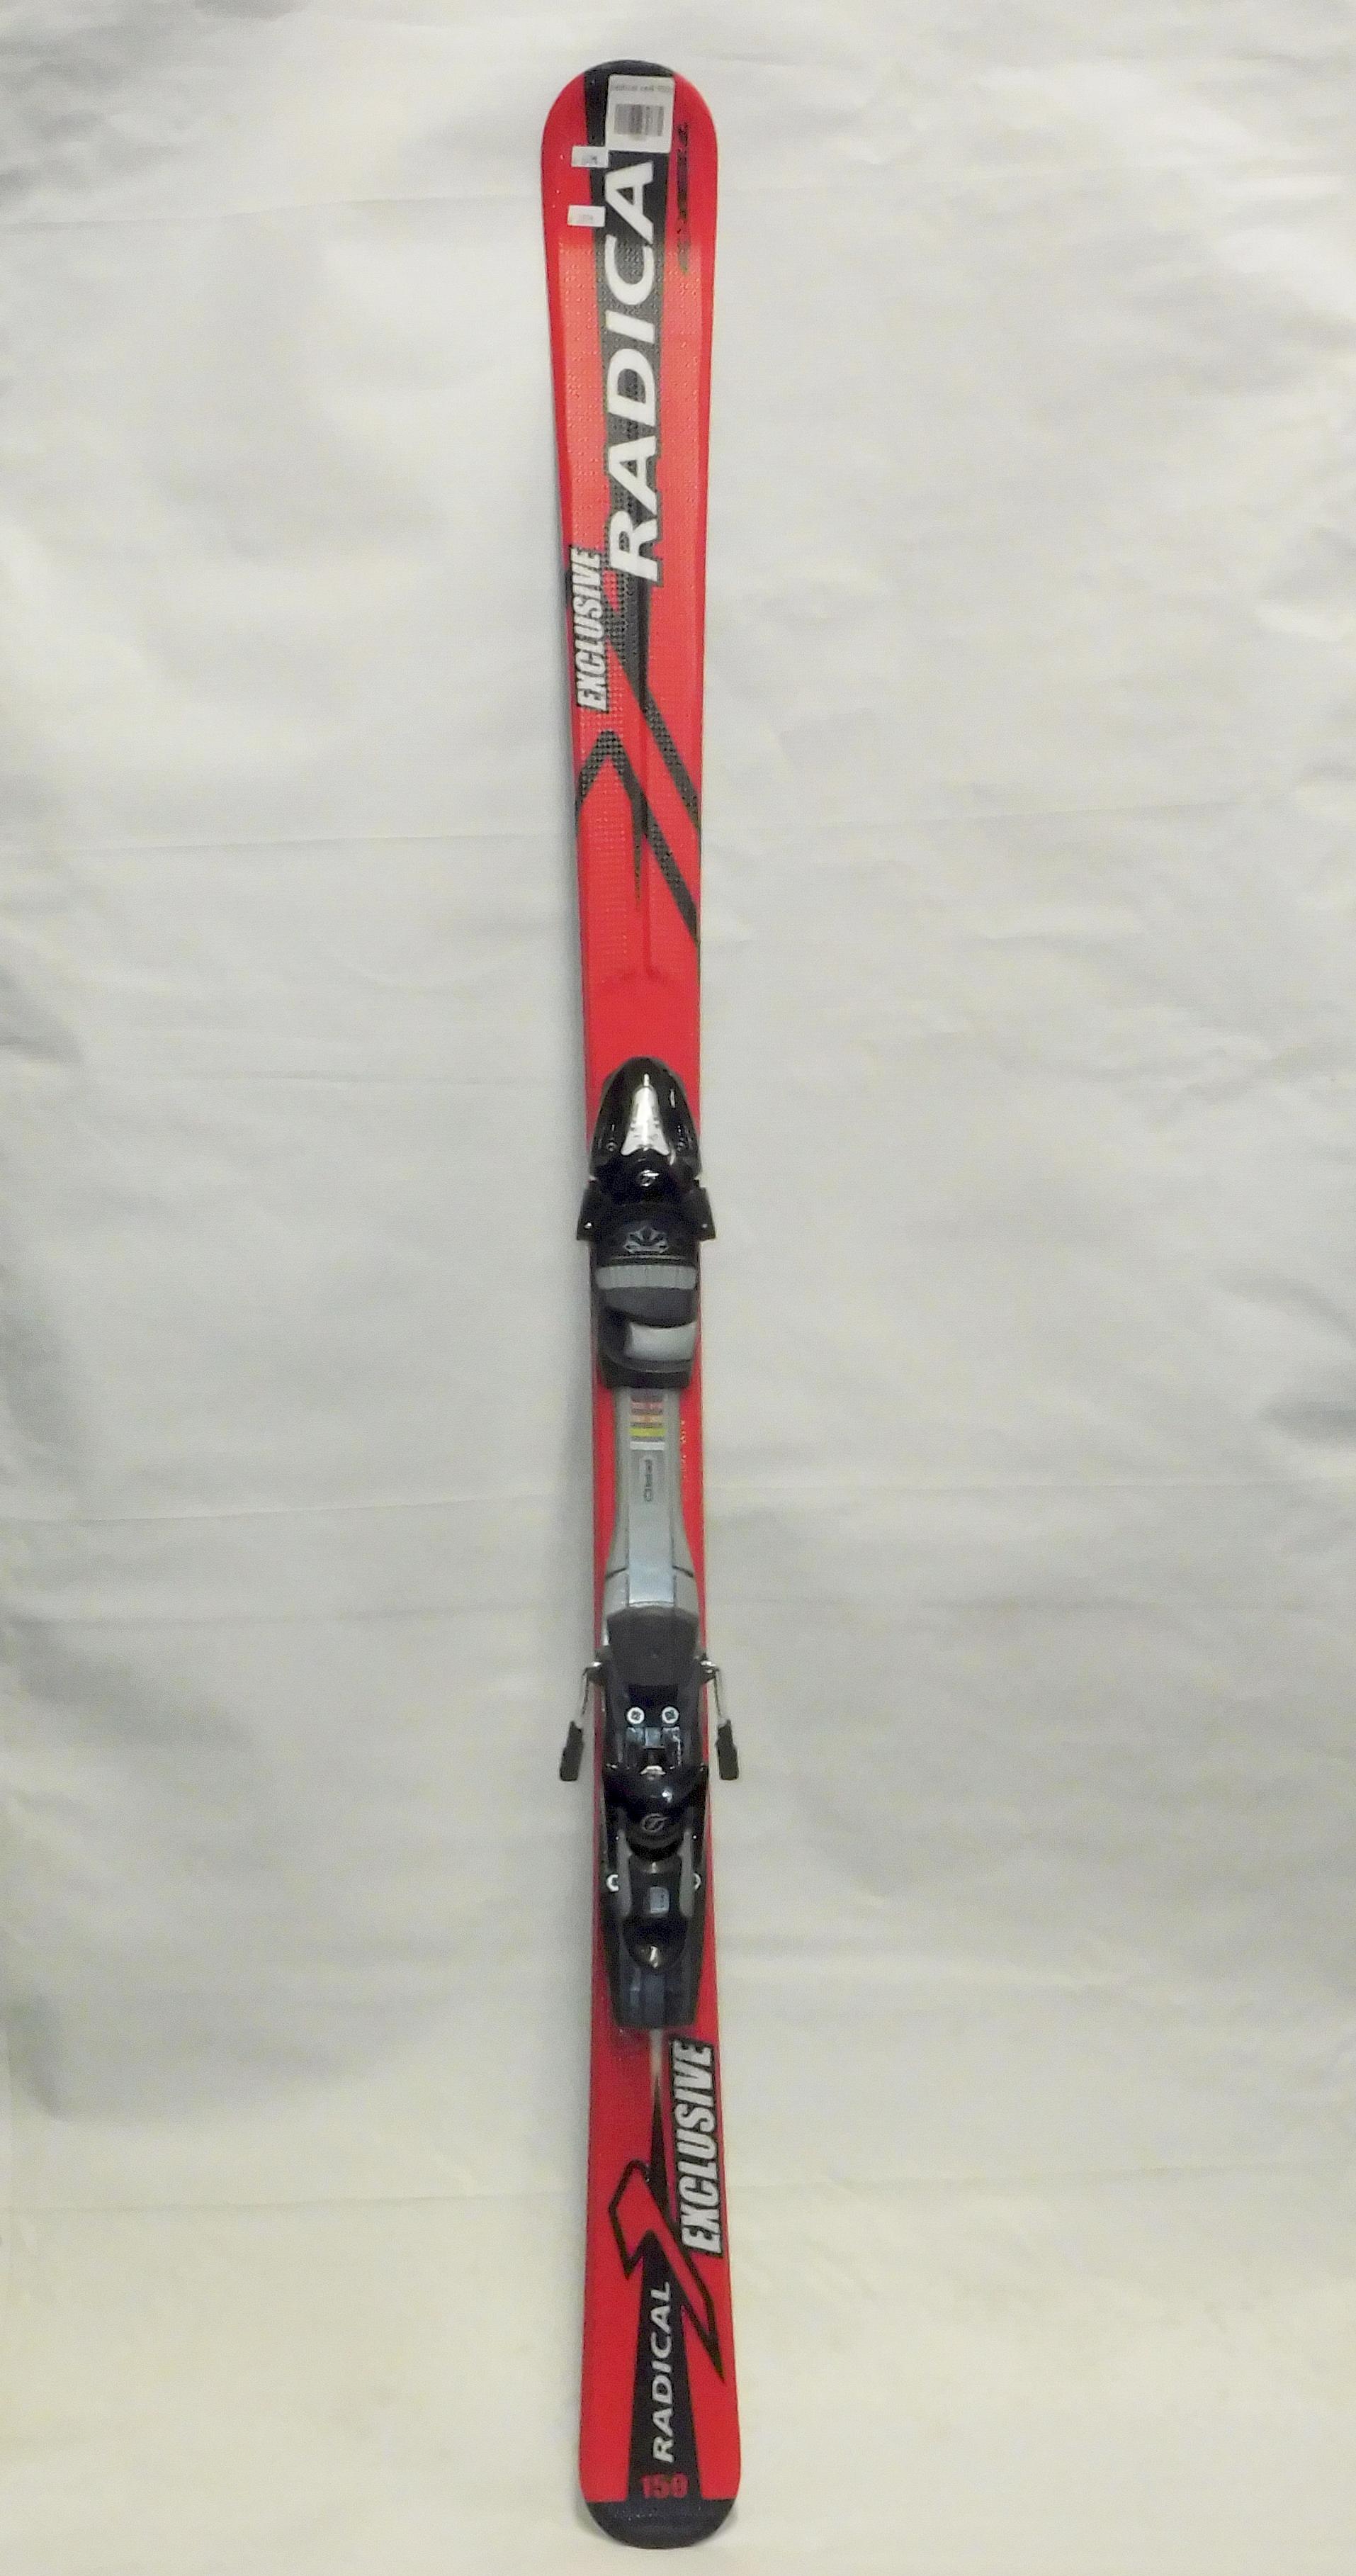 85a268e10 Sjezdové lyže Radical s vázáním 150cm